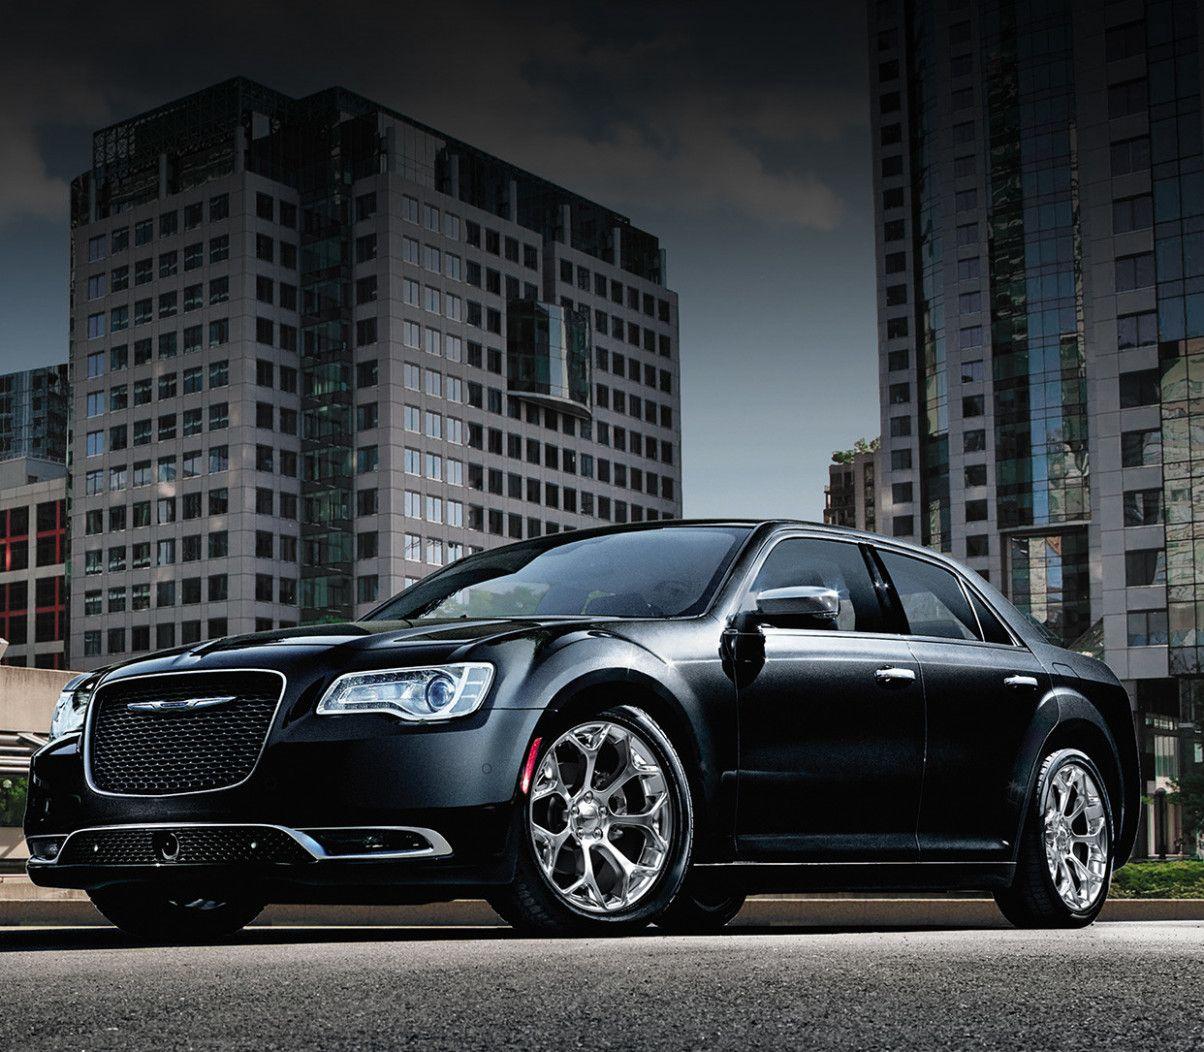 2020 Chrysler Vehicles Chrysler 300 srt8, Chrysler 300